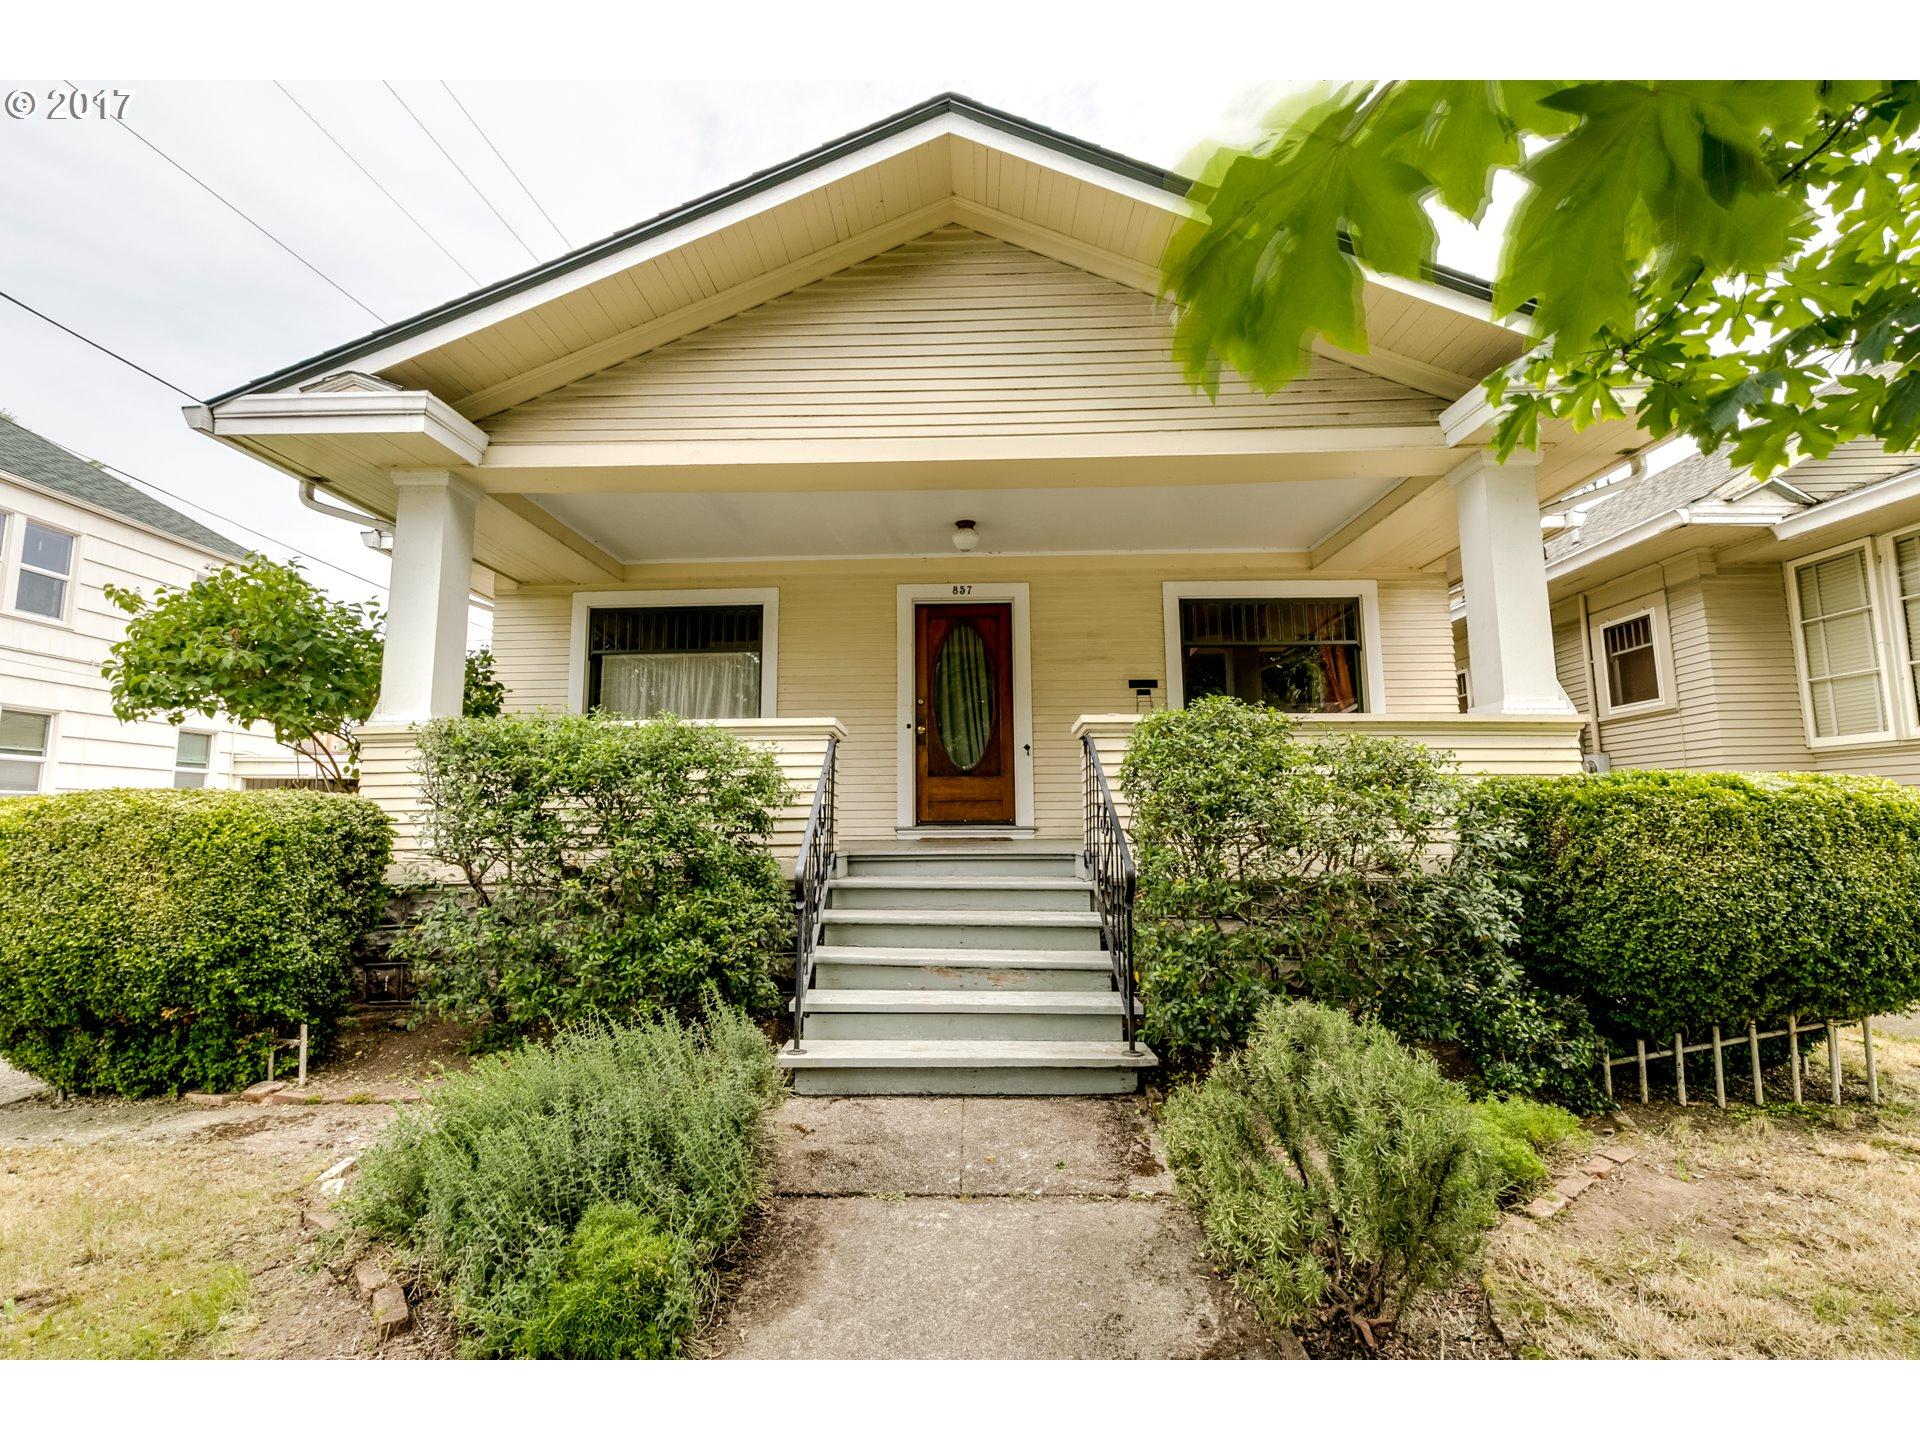 857 LAWRENCE ST, Eugene, OR 97401